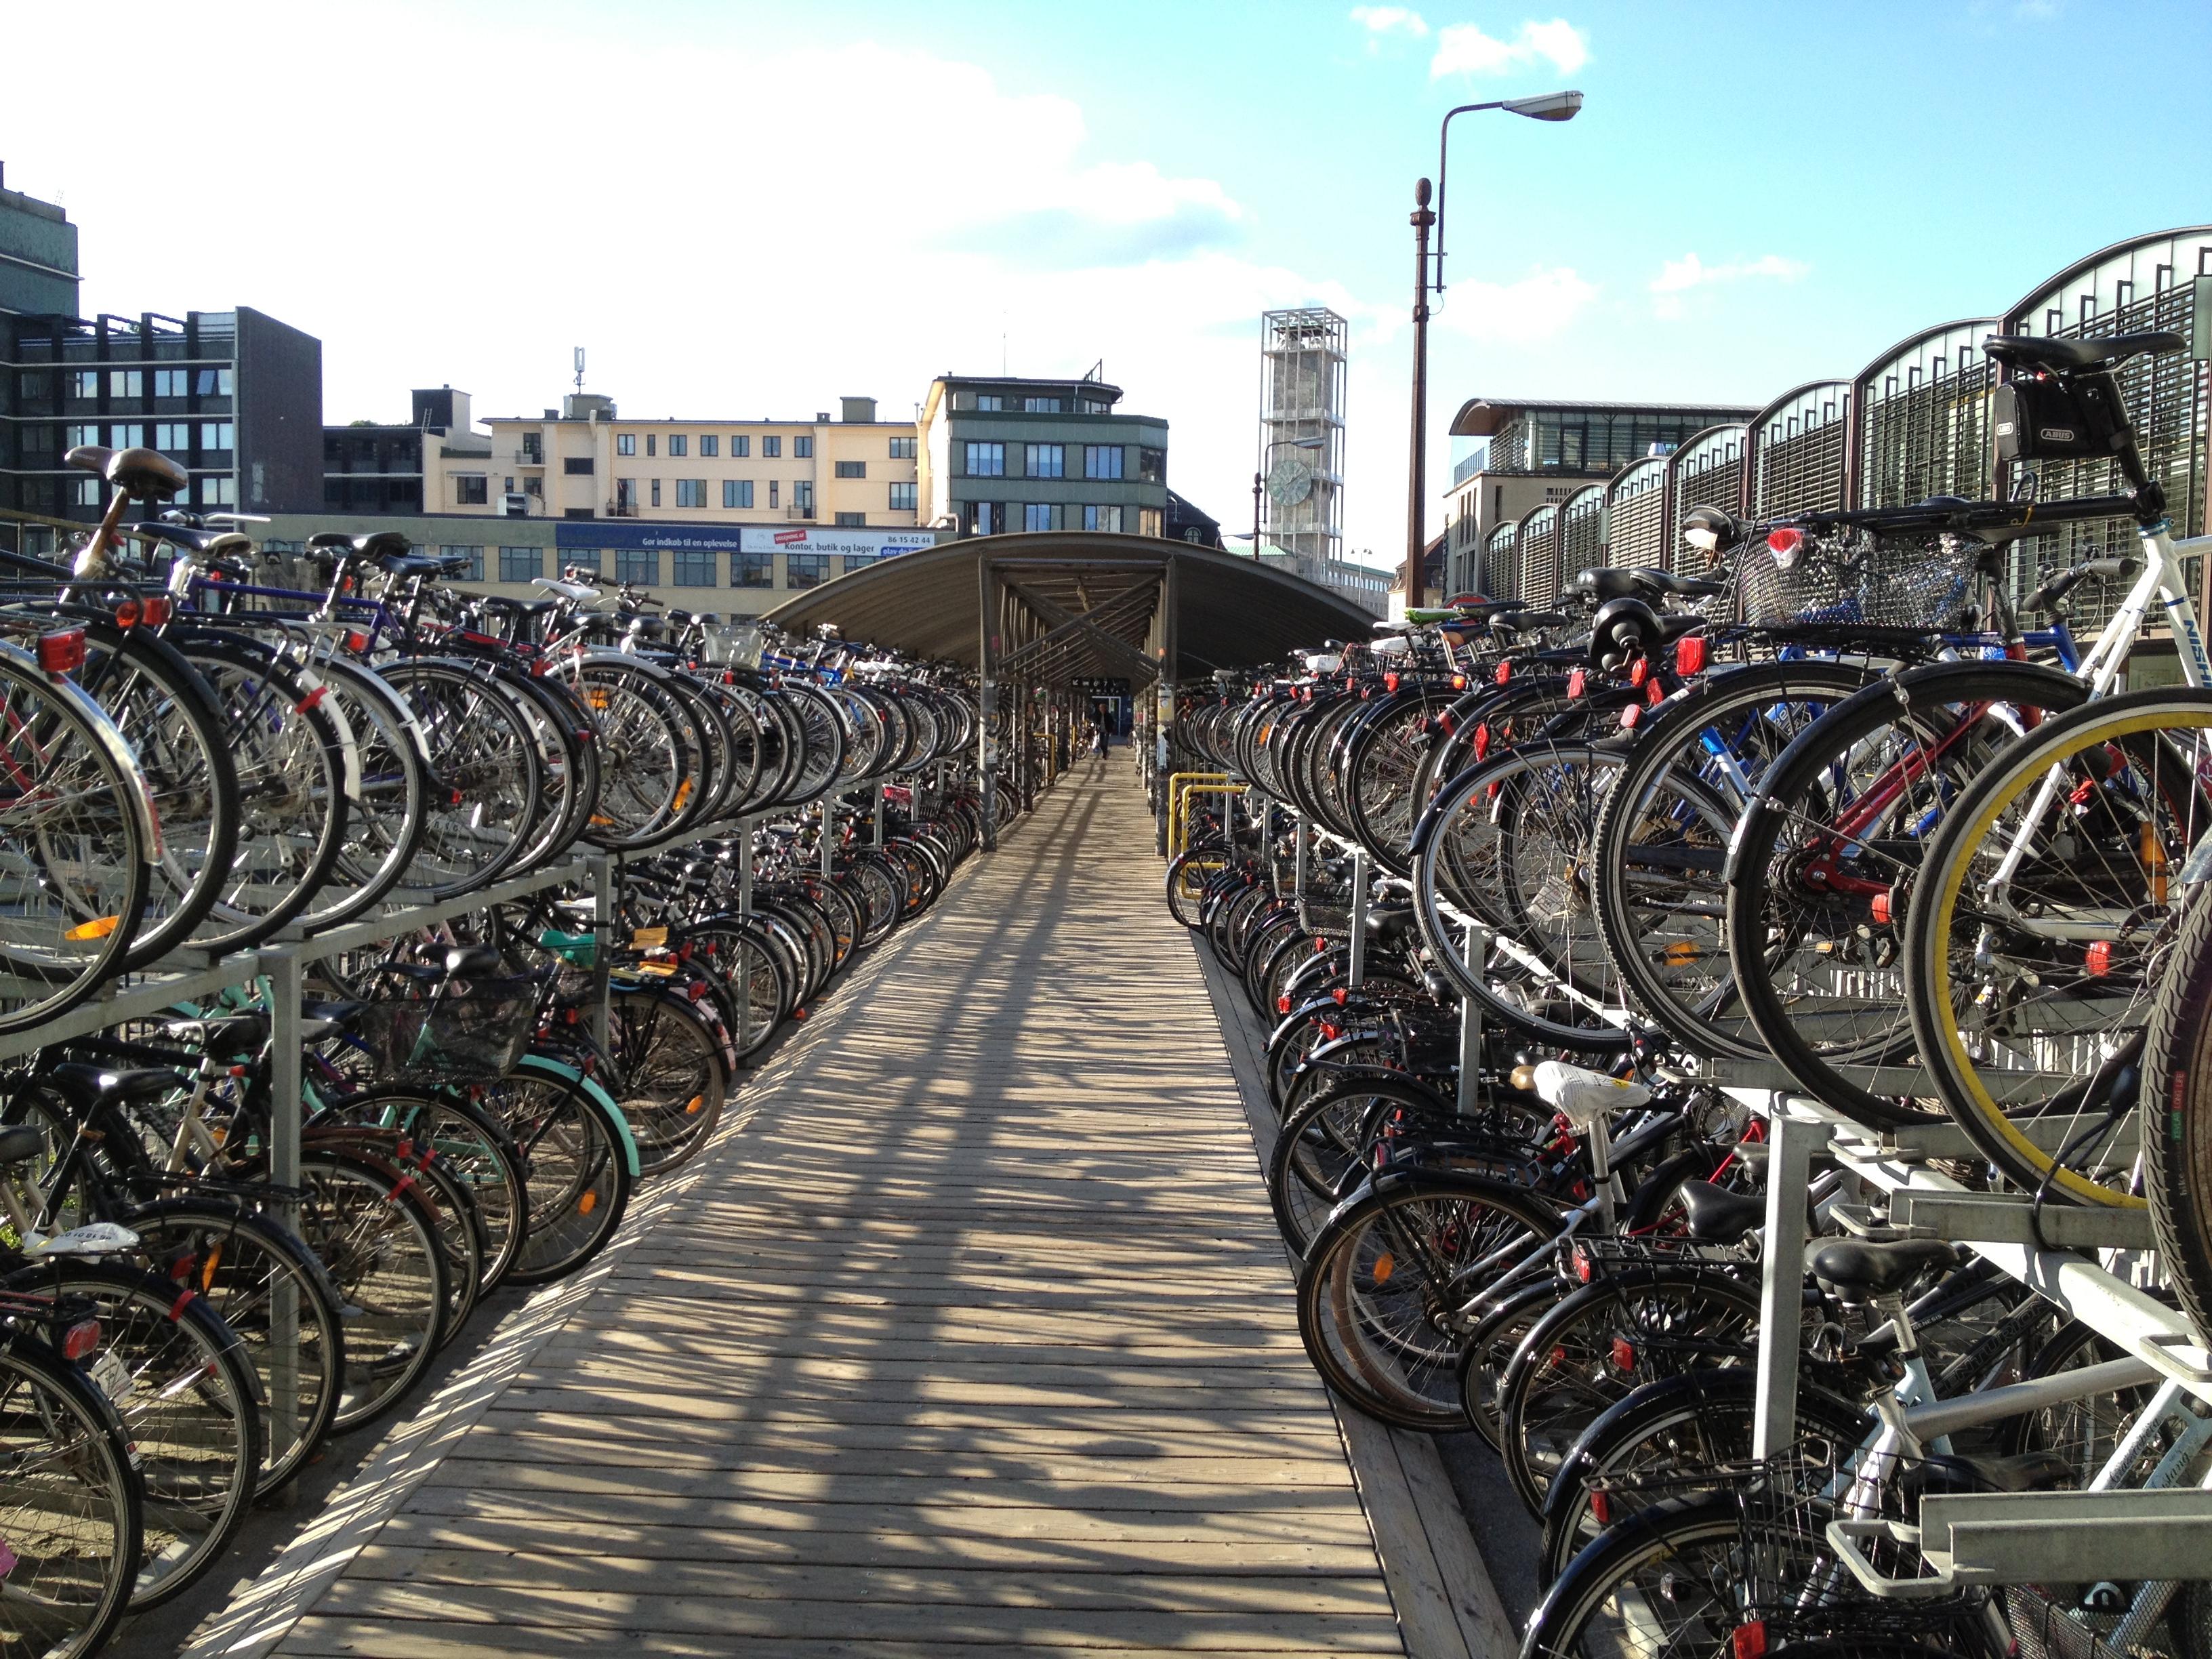 Ποδήλατα, Δανία, Κοπεγχάγη, ποδηλάτες,